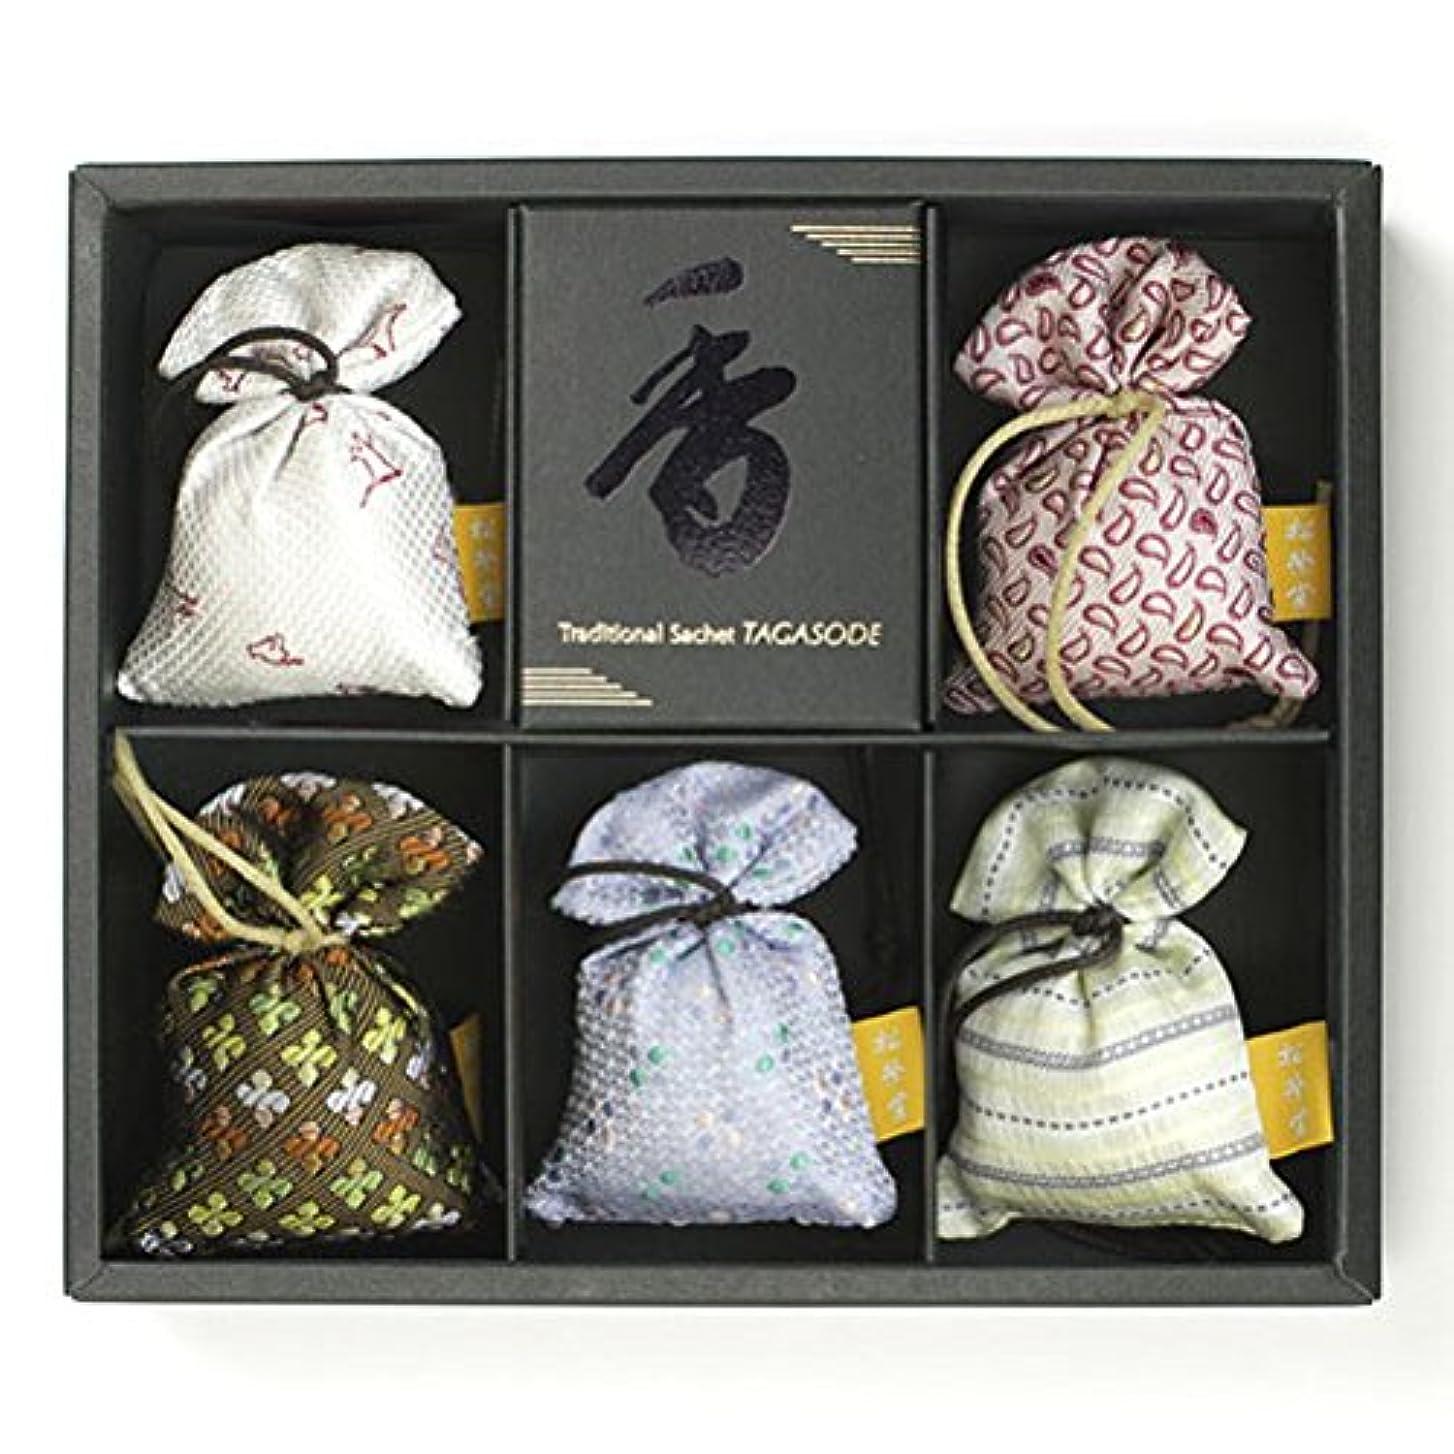 繊細解読するリネン匂い袋 誰が袖 薫 かおる 5個入 松栄堂 Shoyeido 本体長さ60mm